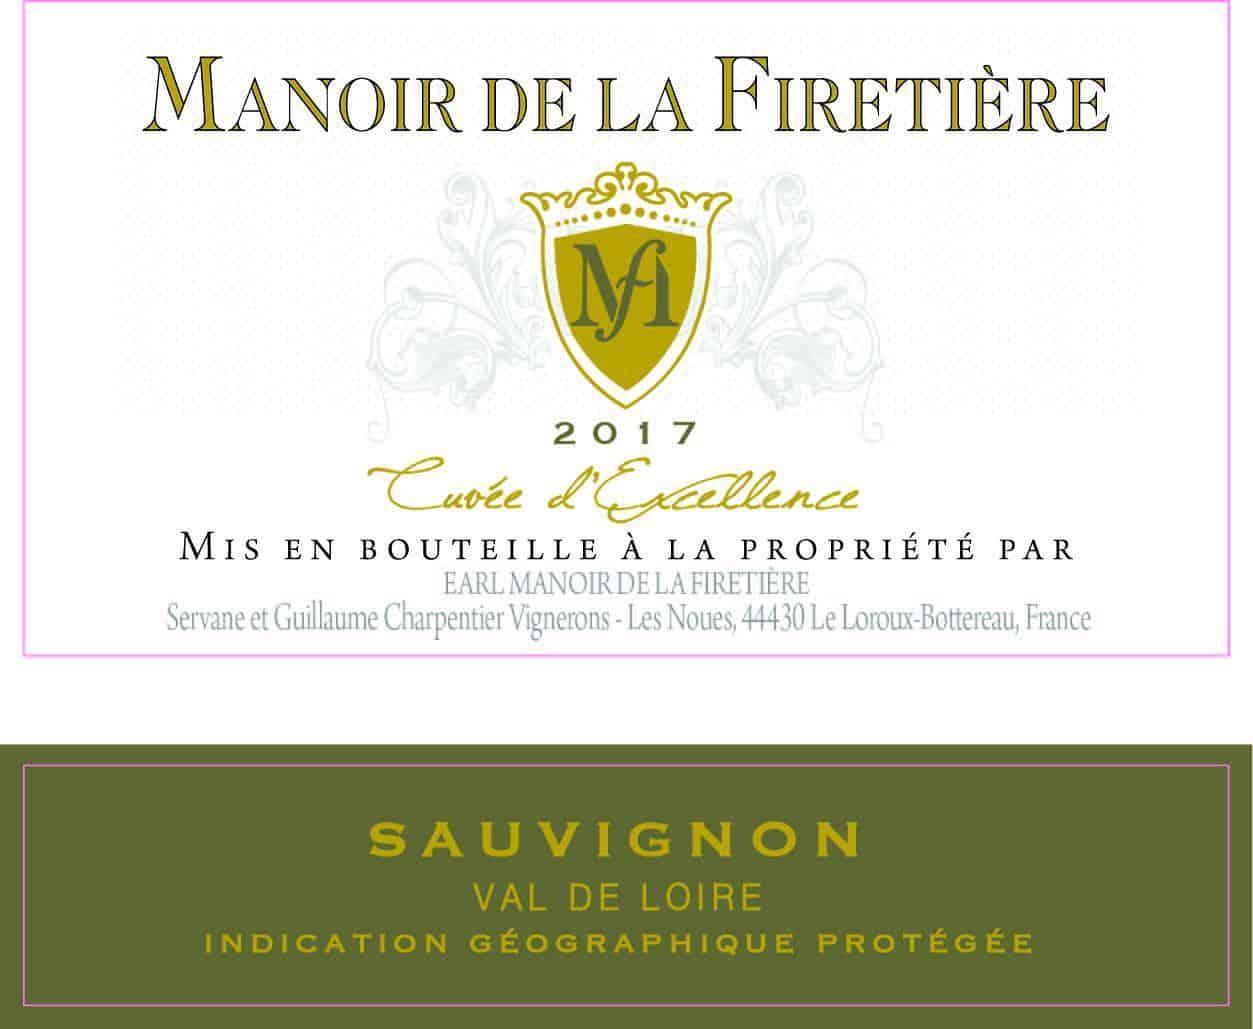 L Sauvignon Cuvee dexcellence